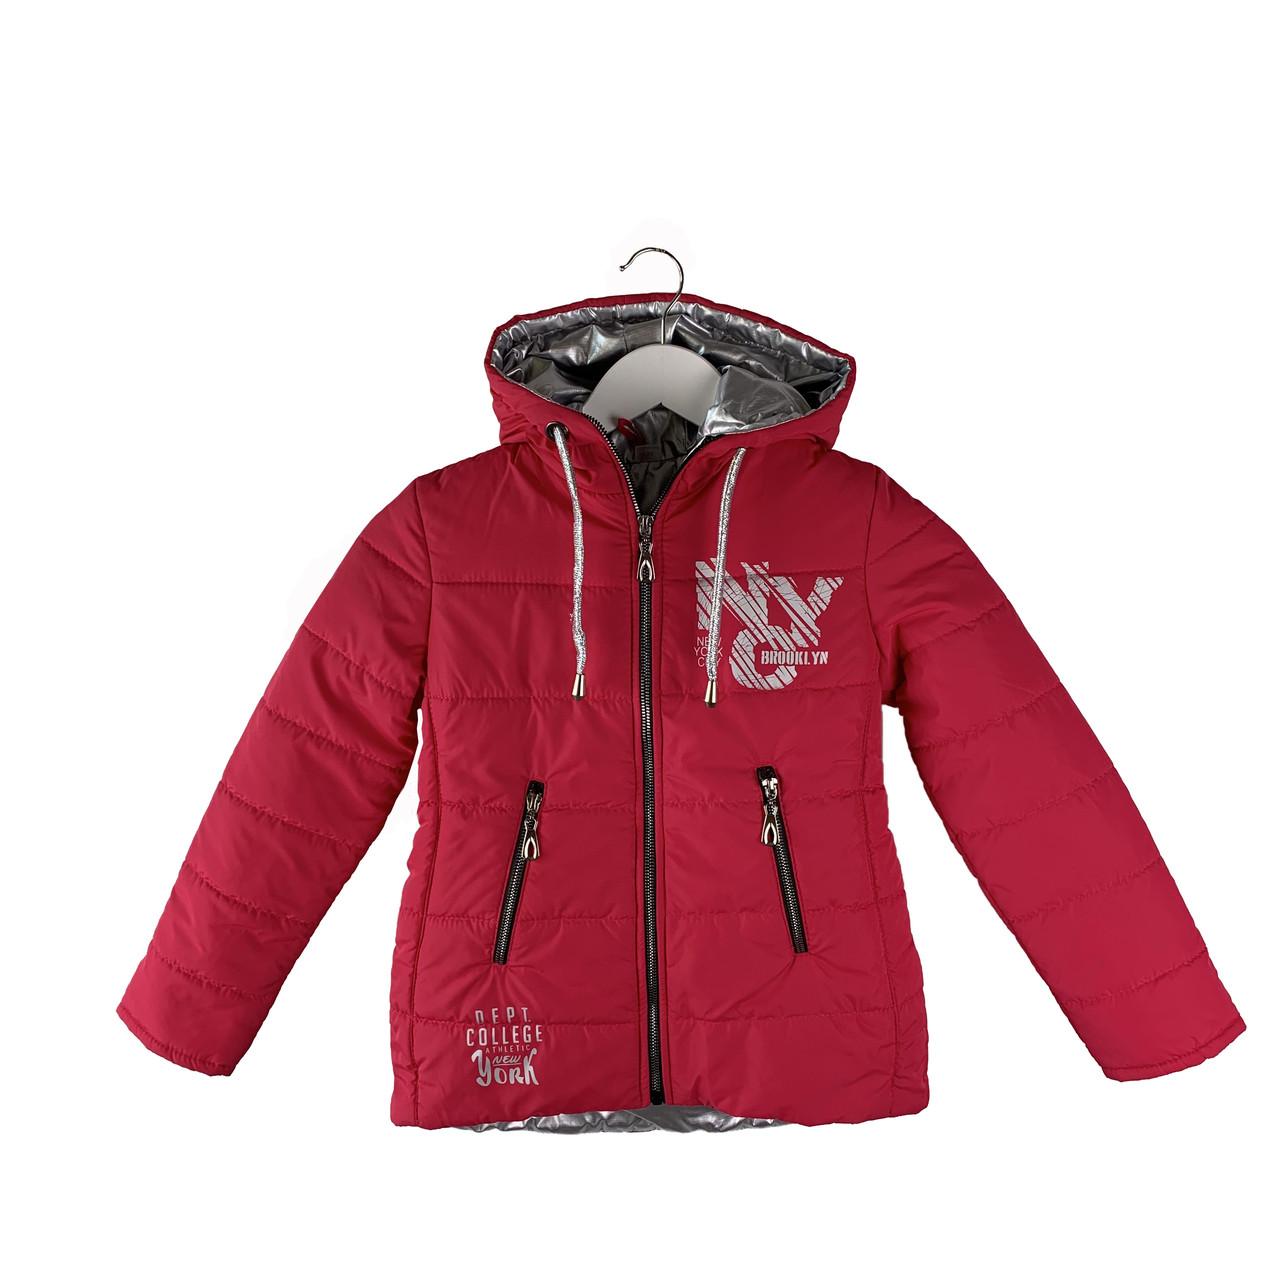 Осенняя куртка на флисовой подкладке для девочки 9-15 лет. Размеры 134-152, есть замеры